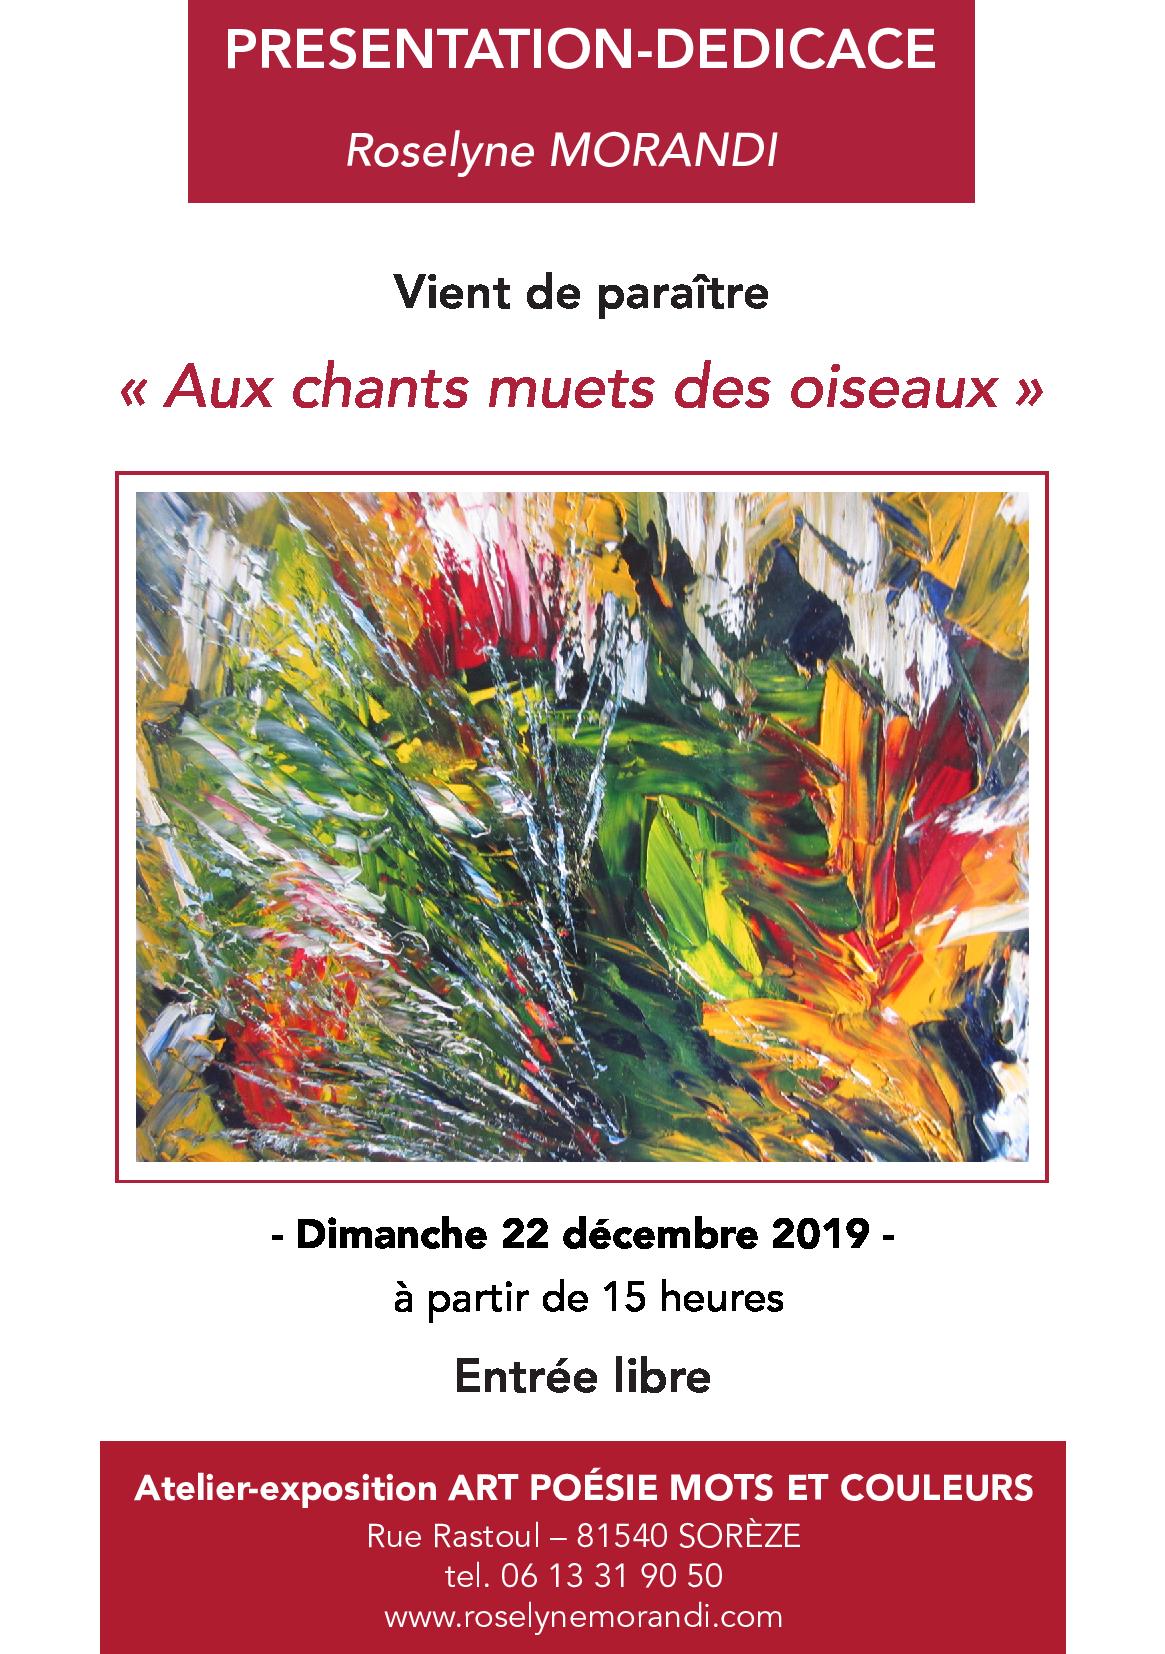 Invitation dedicace 22 decembre 2019